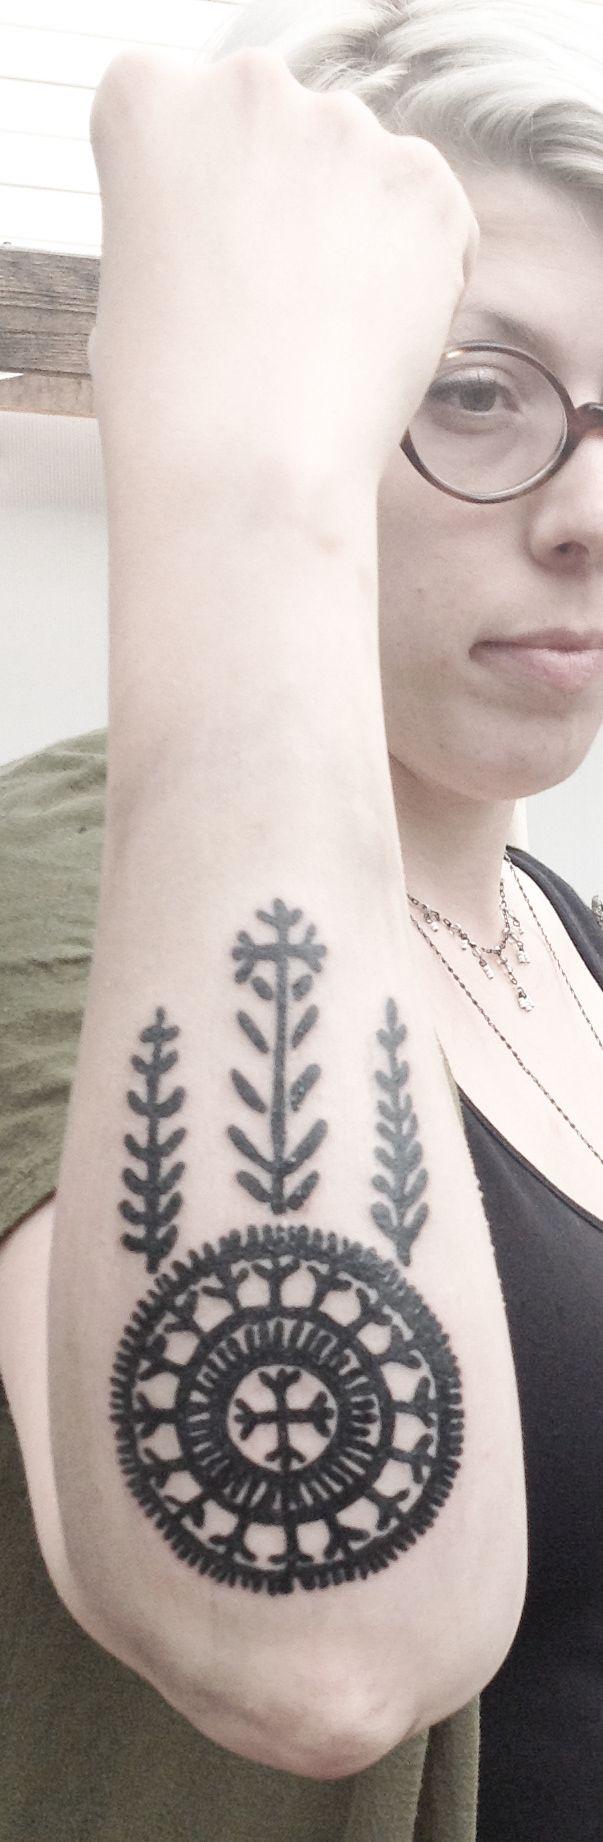 traditional Croatian/Bosnian tattoo